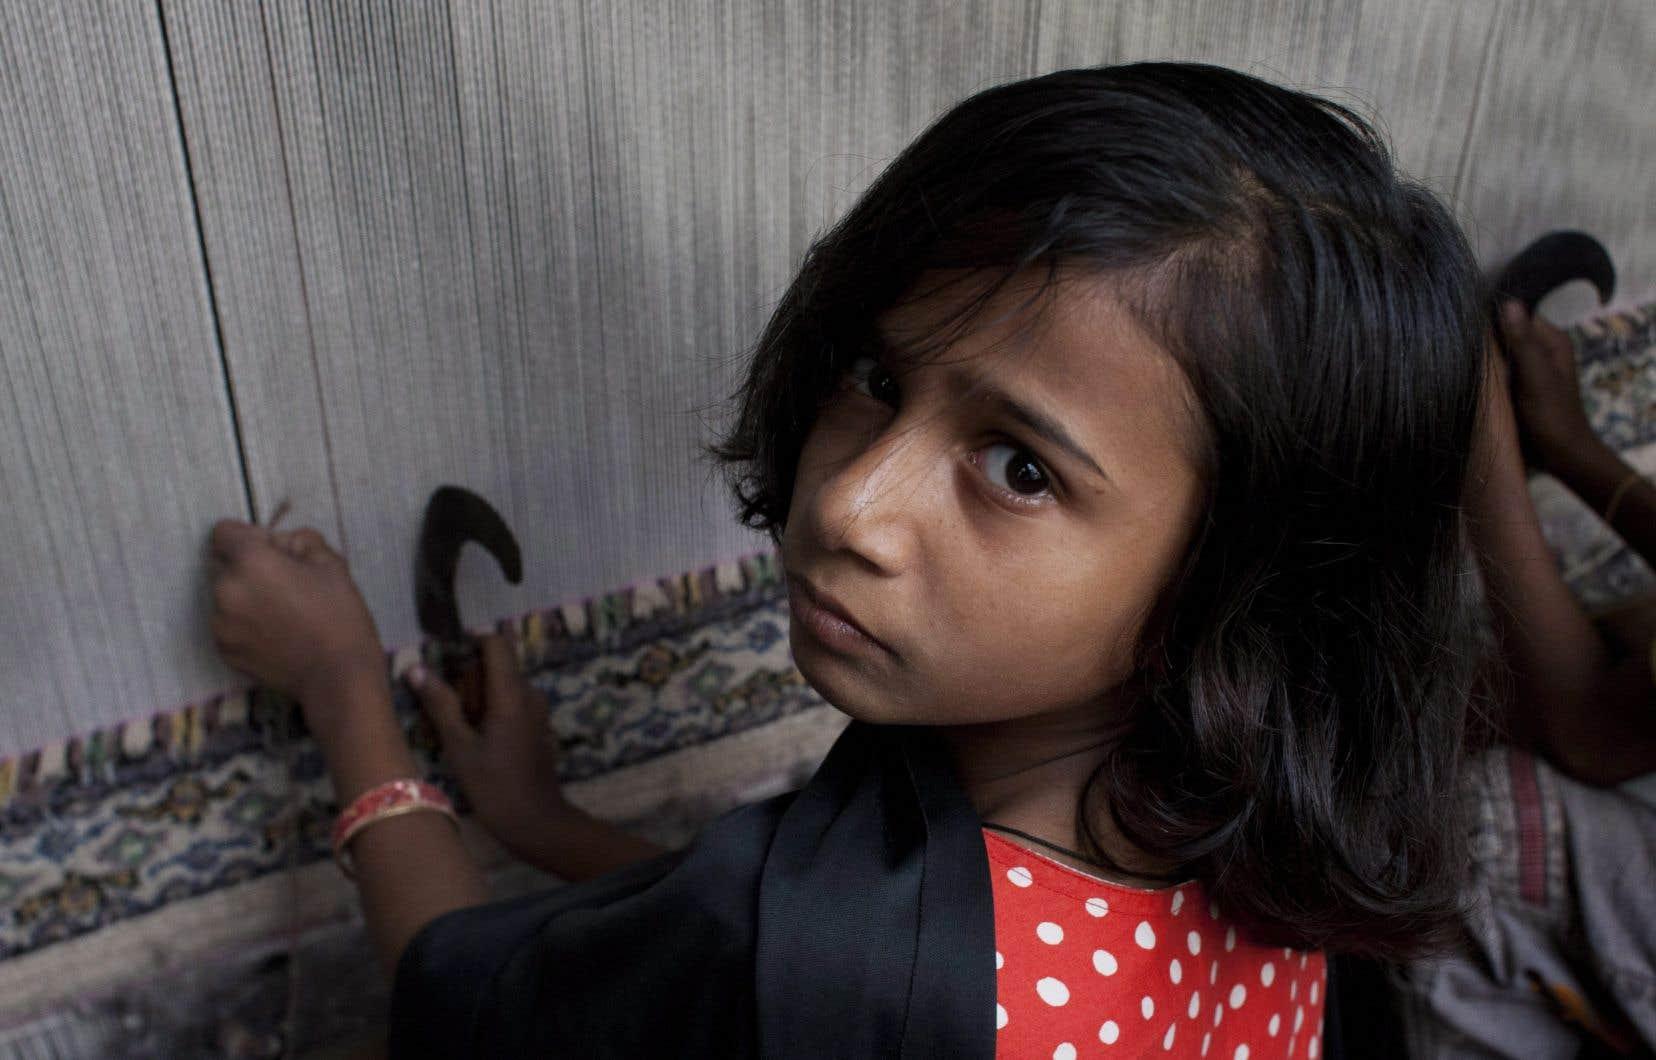 Les entreprises devraient prouver que leur chaîne d'approvisionnement ne s'appuie pas sur le travail d'un enfant ou le travail forcé d'un adulte.